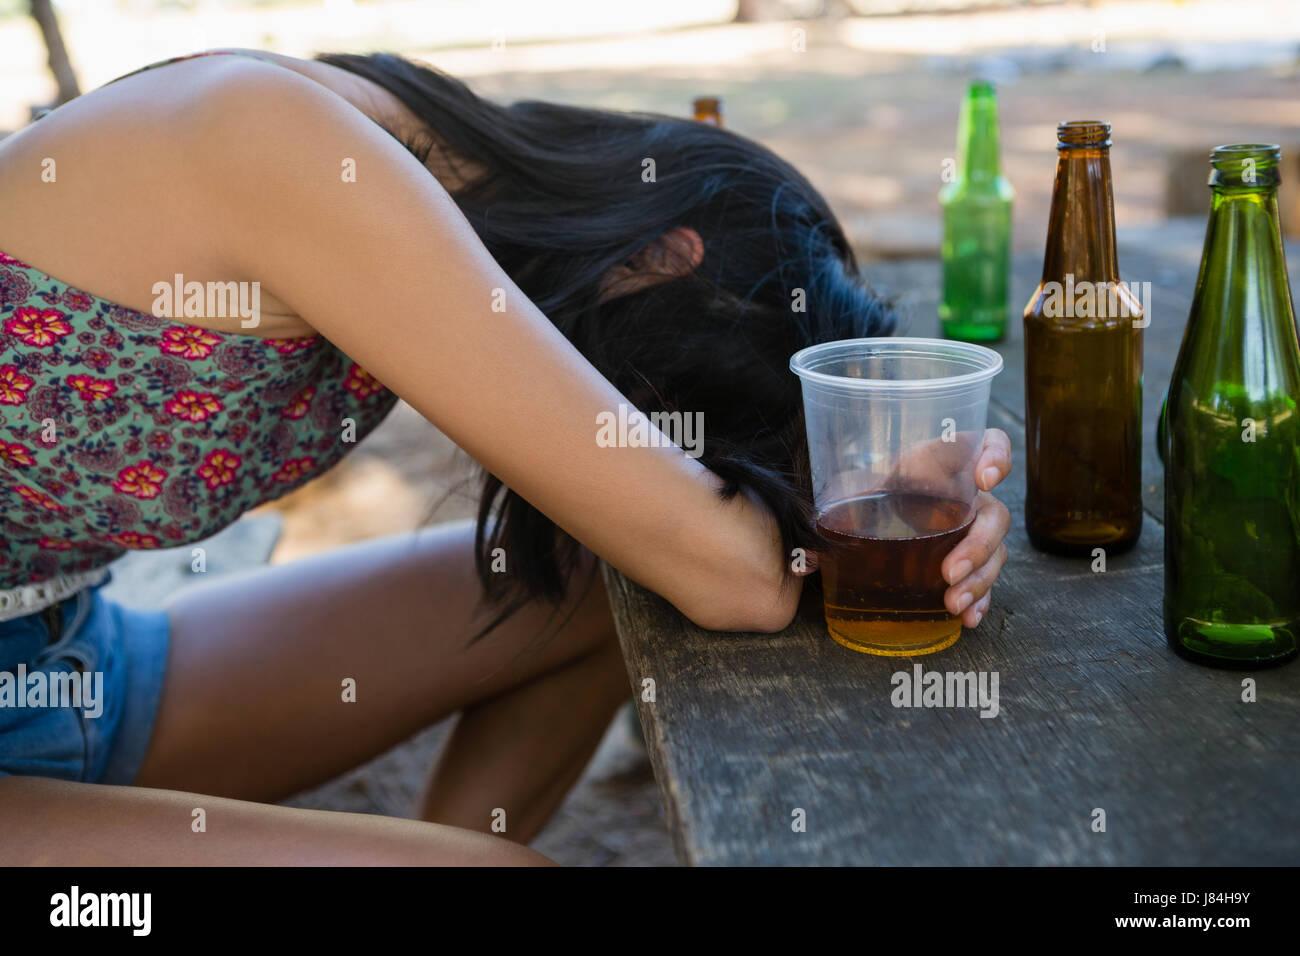 матуре спящих и пьяных женщин фото